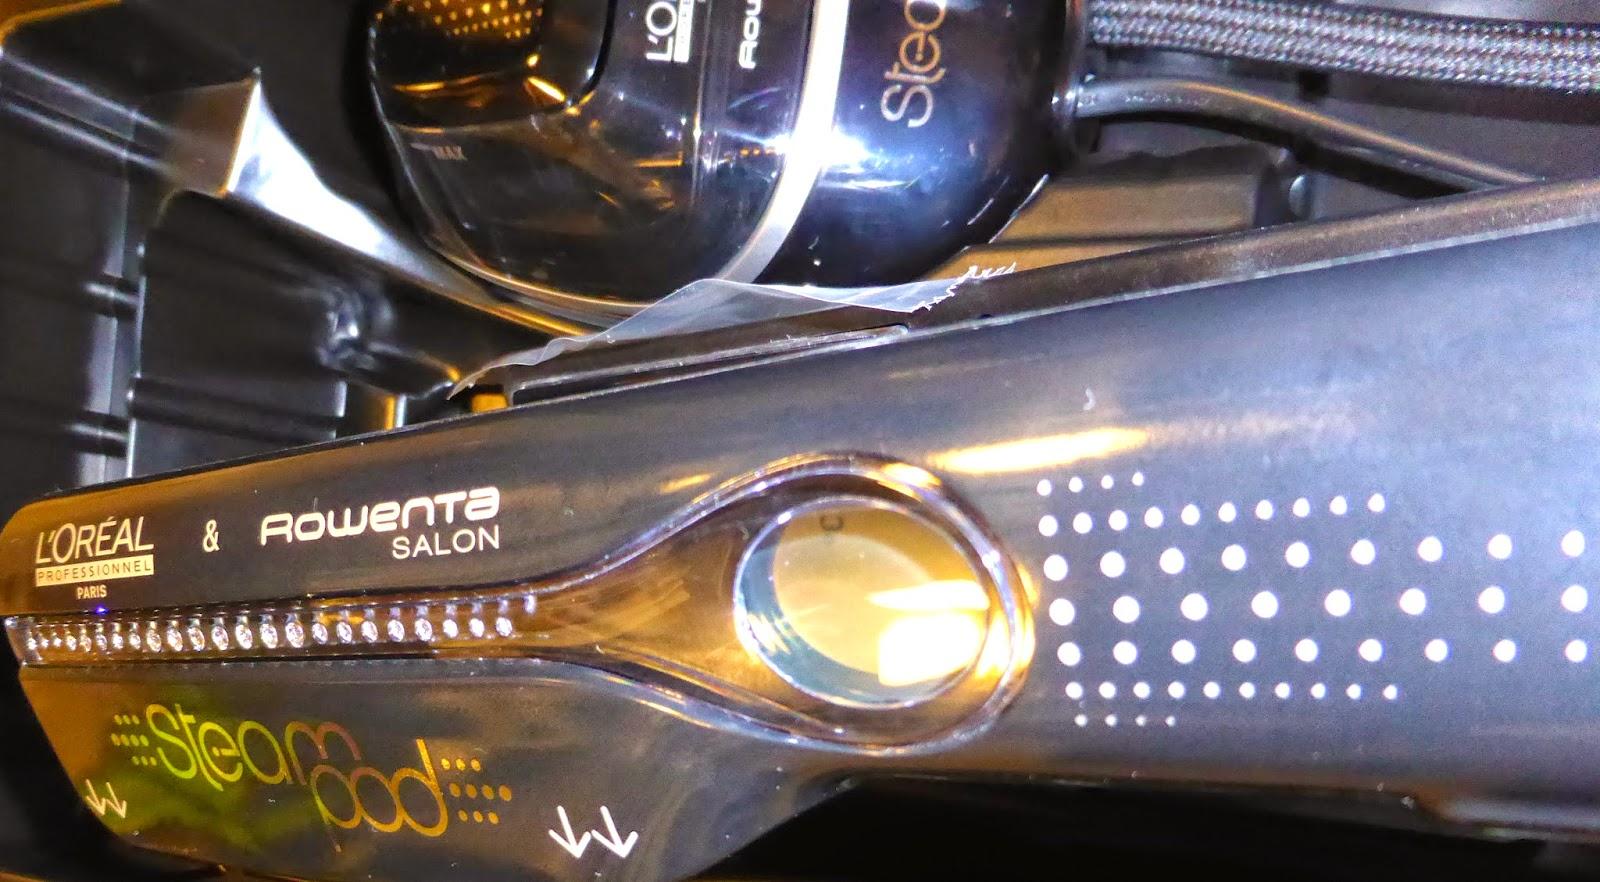 Un rappel des Swarovski éléments sur le manche et sur le réservoir du Steampod Swarovski,  en édition limitée, disponible au Studio 54 à Montpellier